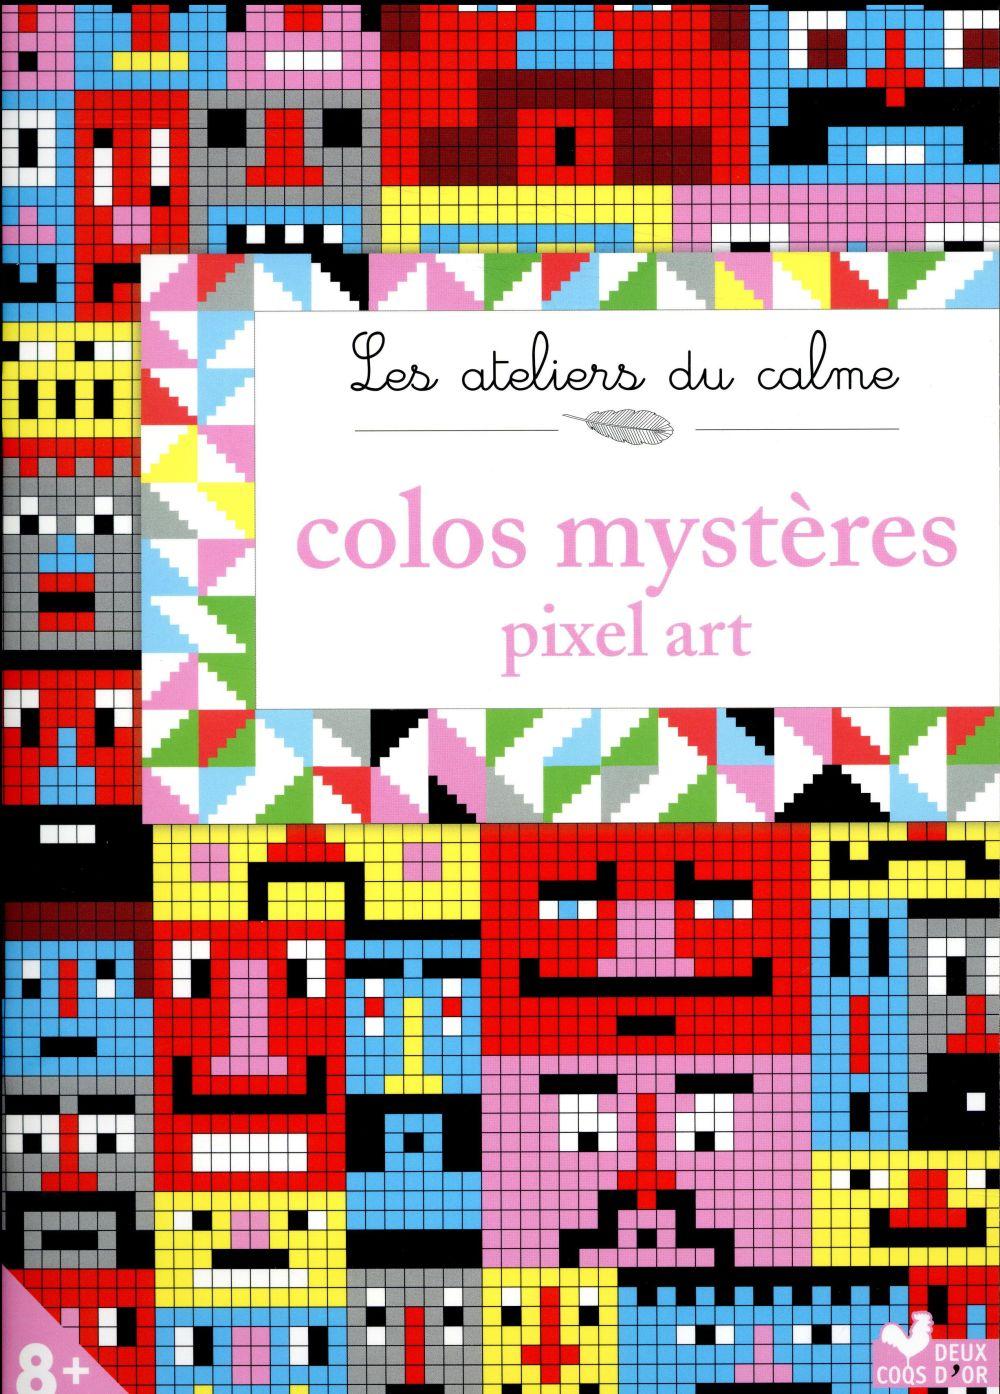 COLOS MYSTERES PIXEL ART